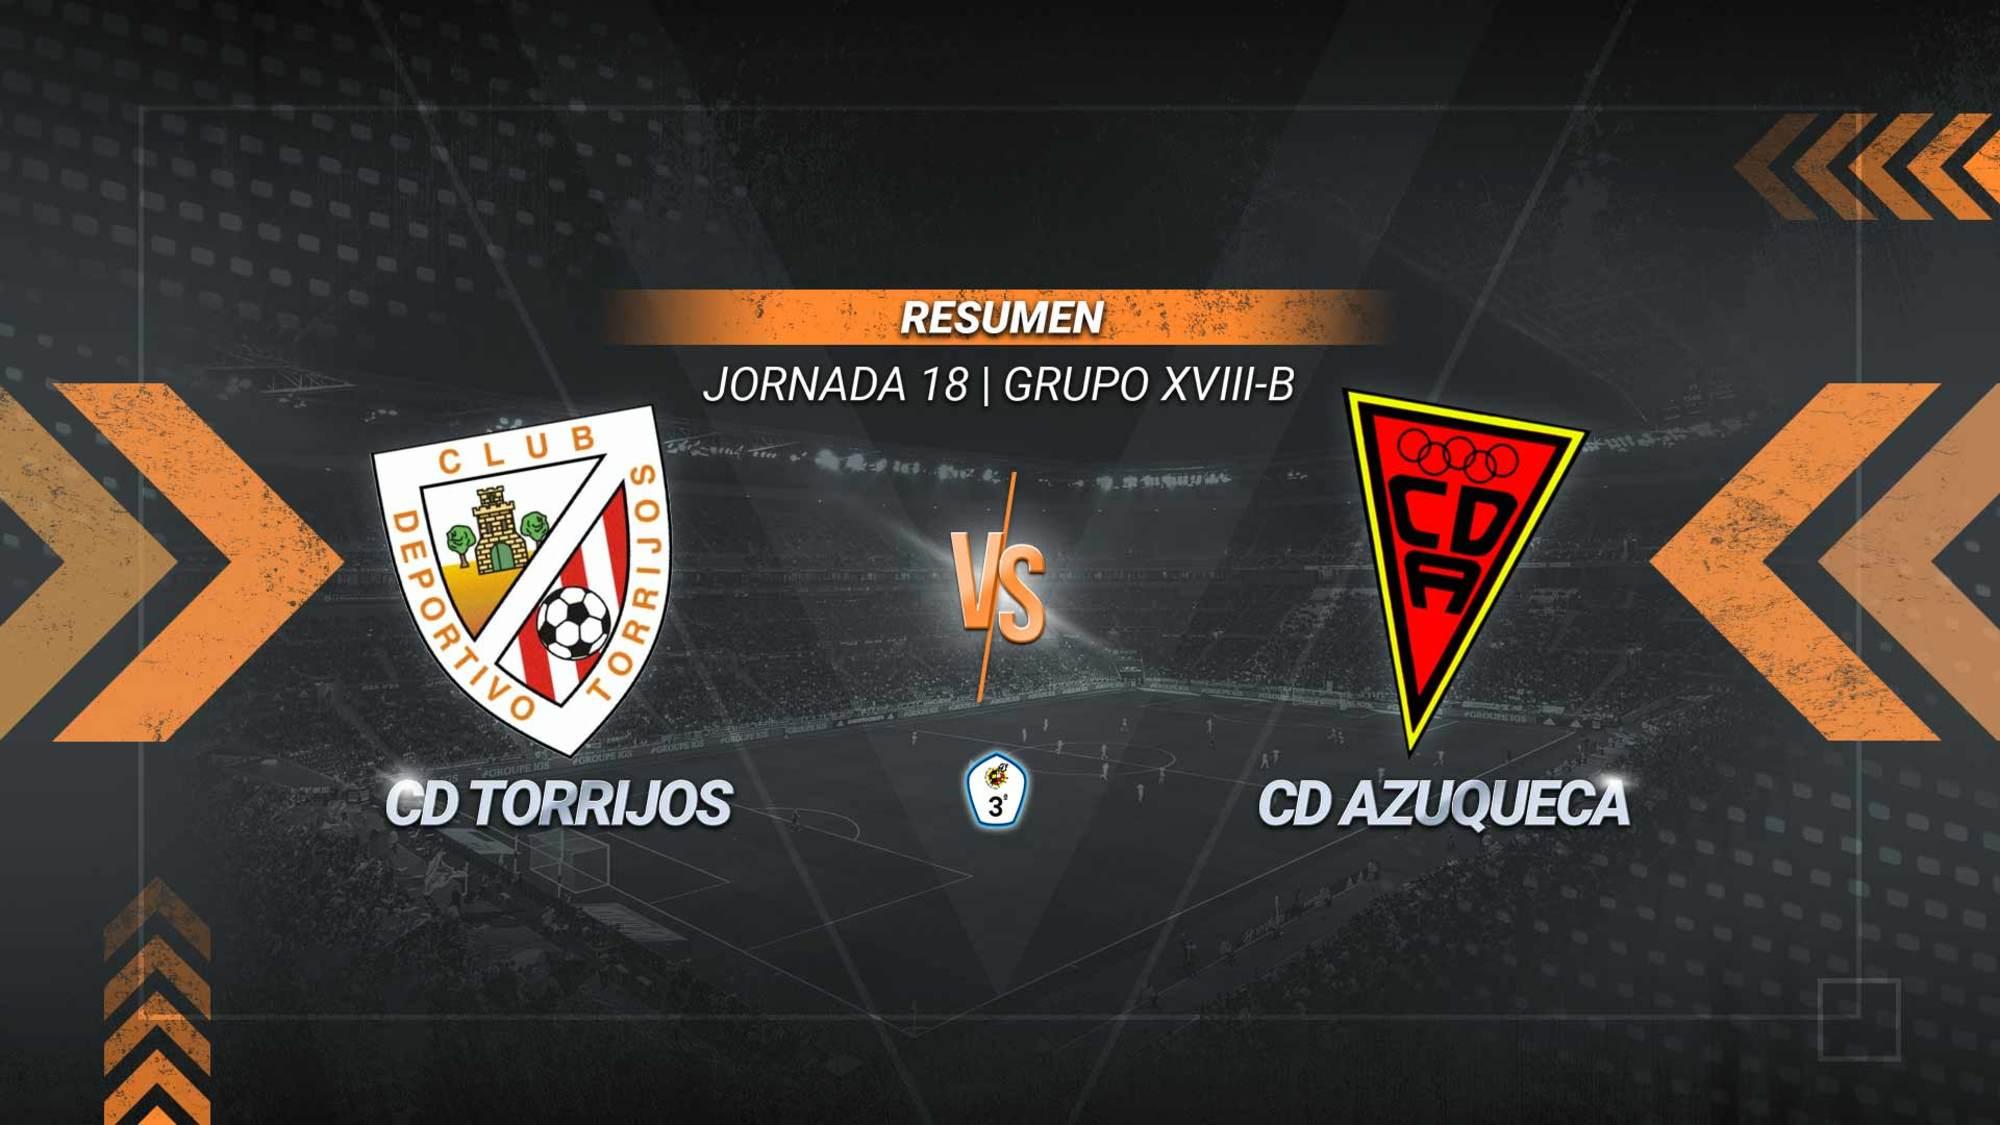 Un gol de Pedropa aúpa al Torrijos hasta la quinta posición. El Azuqueca se queda séptimo con 21 puntos.